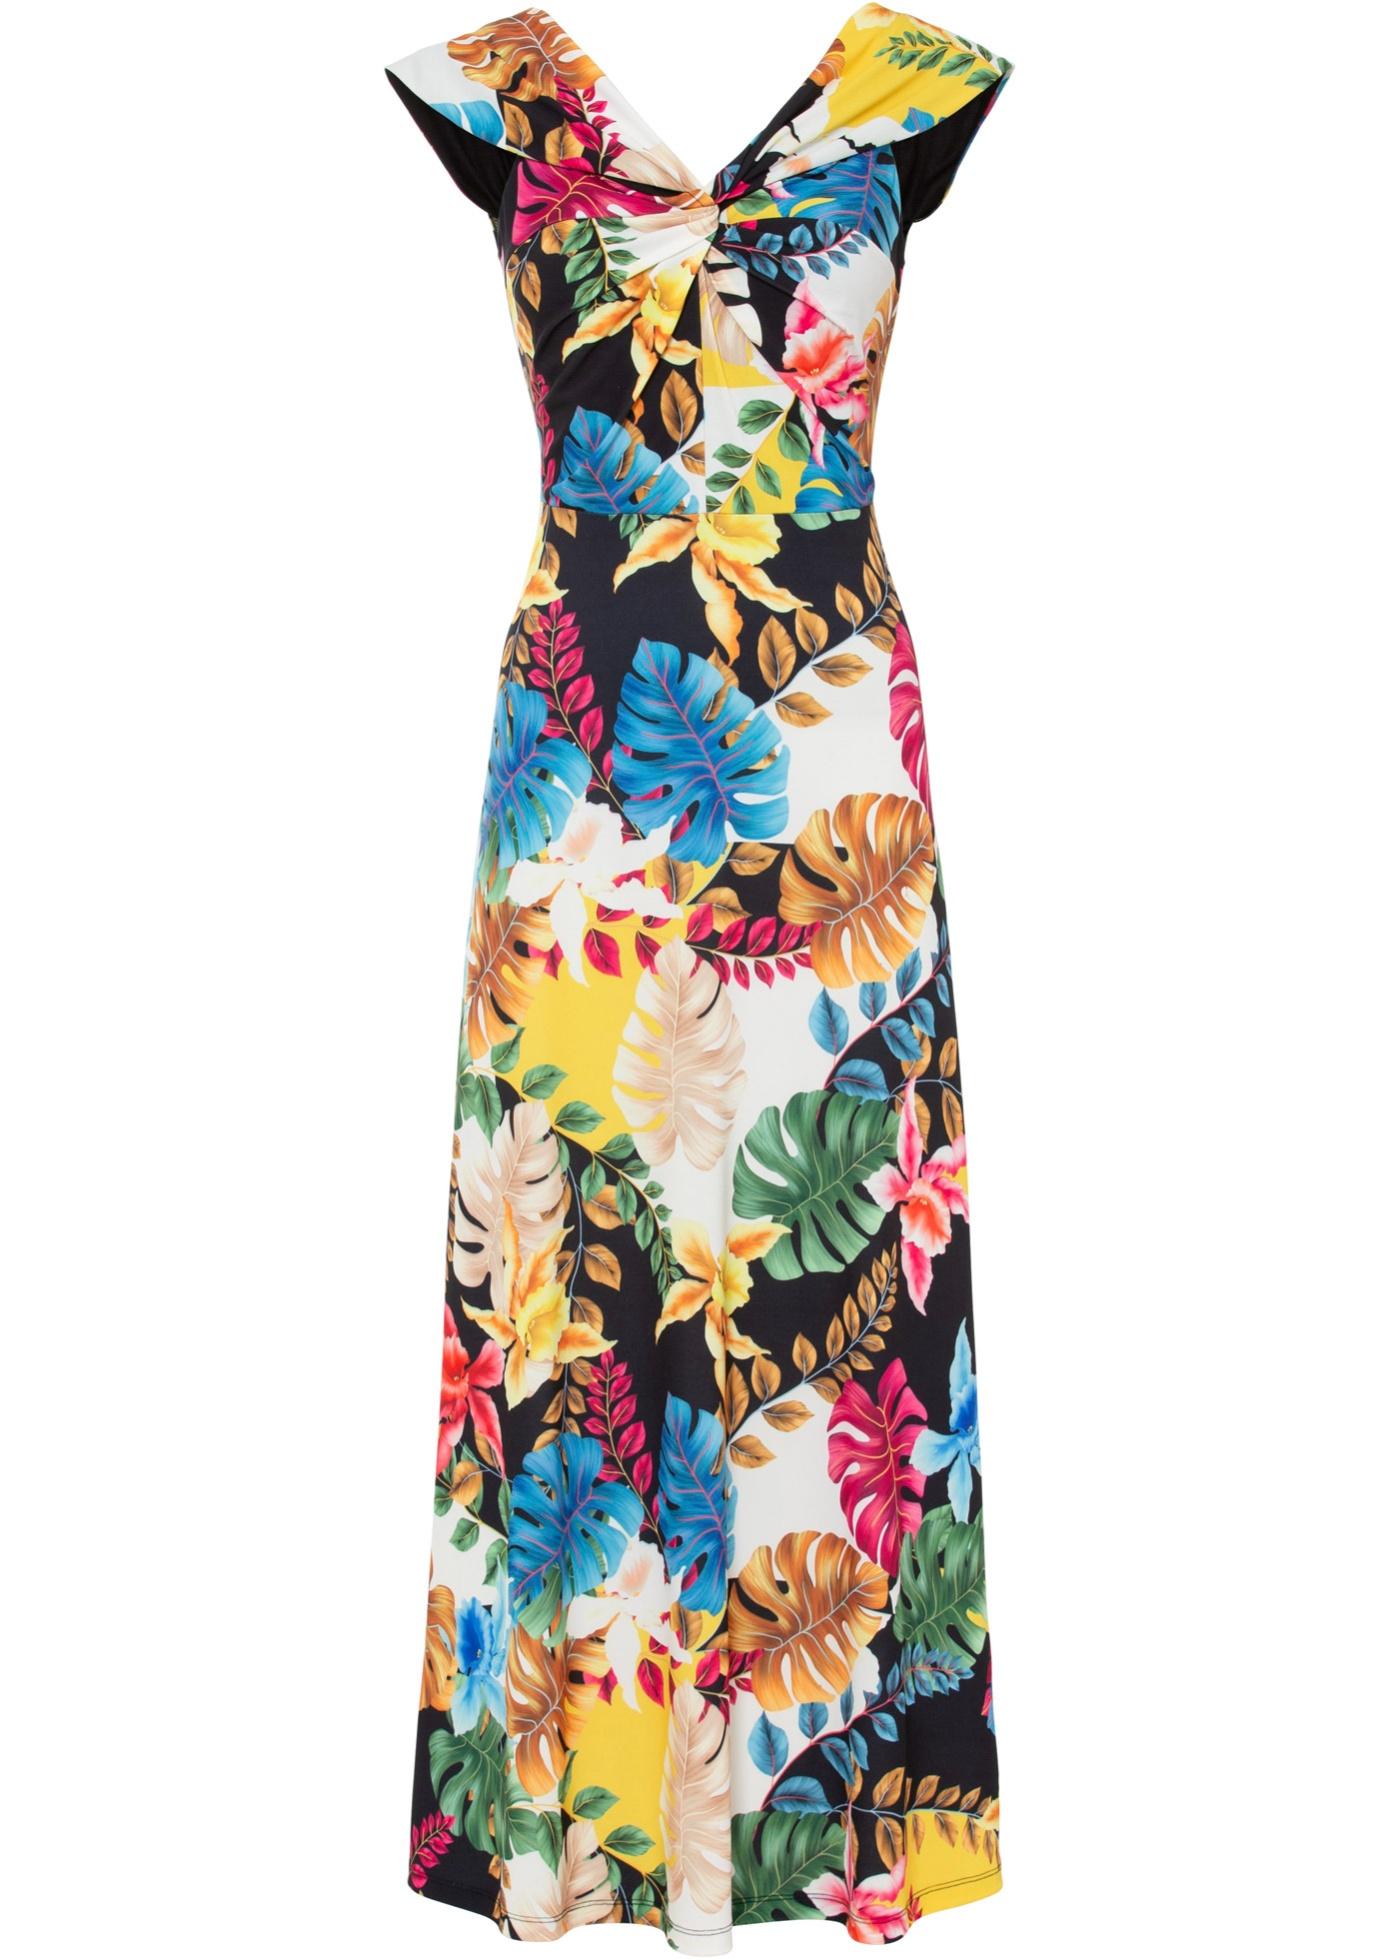 Abito a fiori con spalle scoperte (Beige) - BODYFLIRT boutique